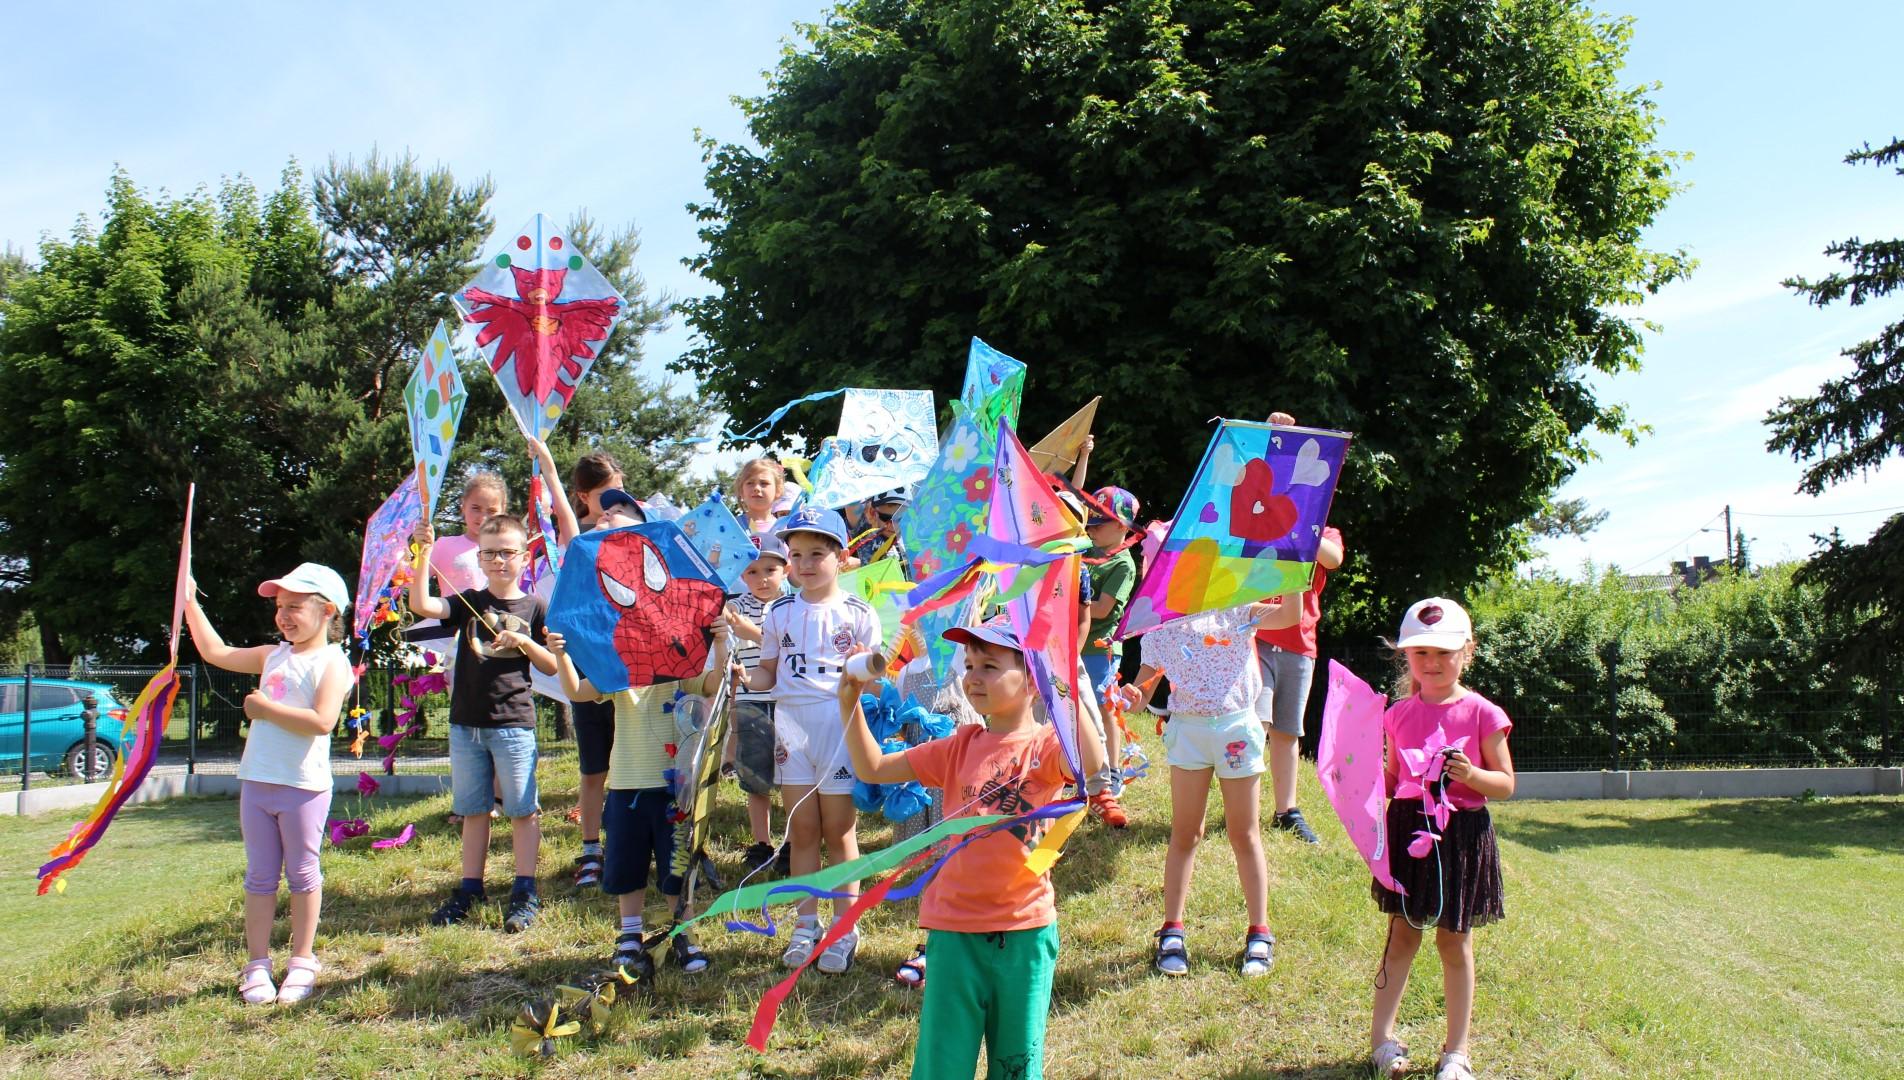 Dzieci z latawcami stoją na podwórku przedszkolnym.